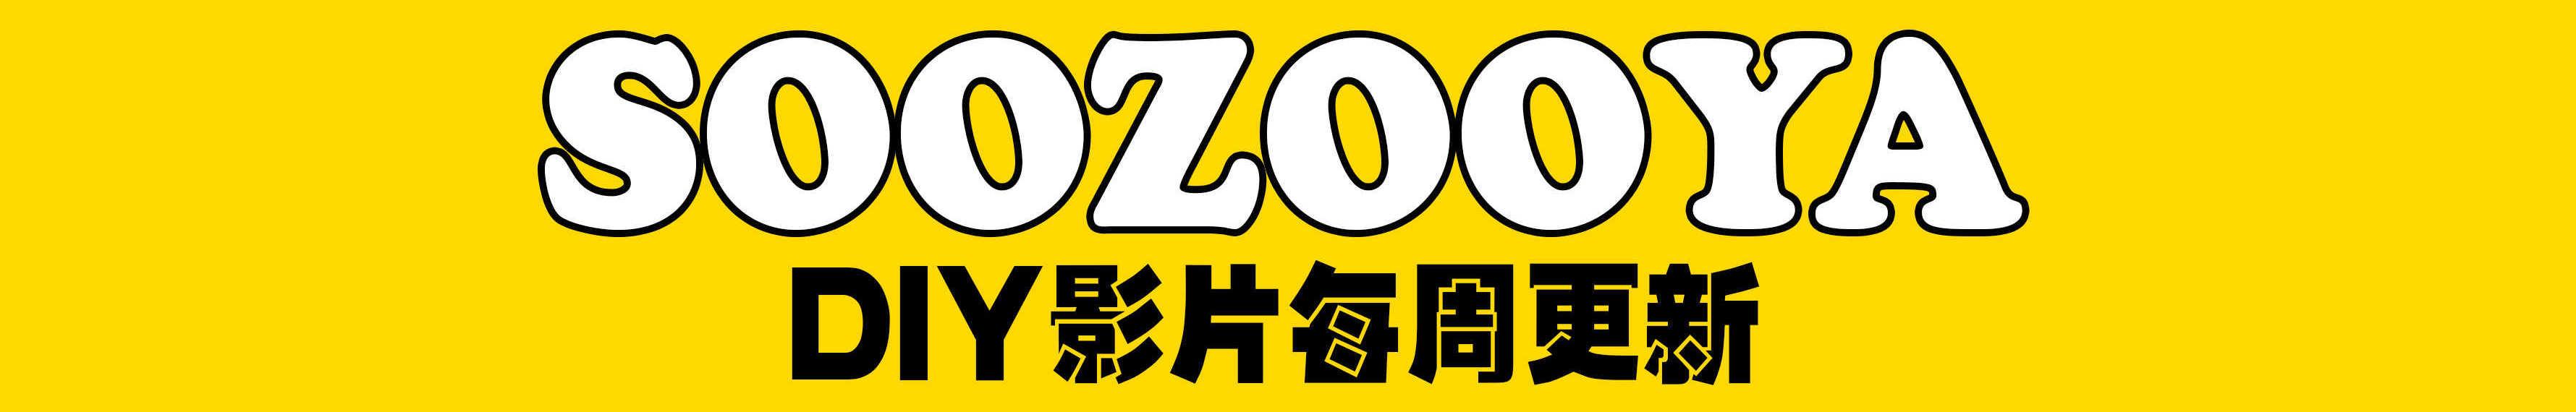 SOOZOOYA banner